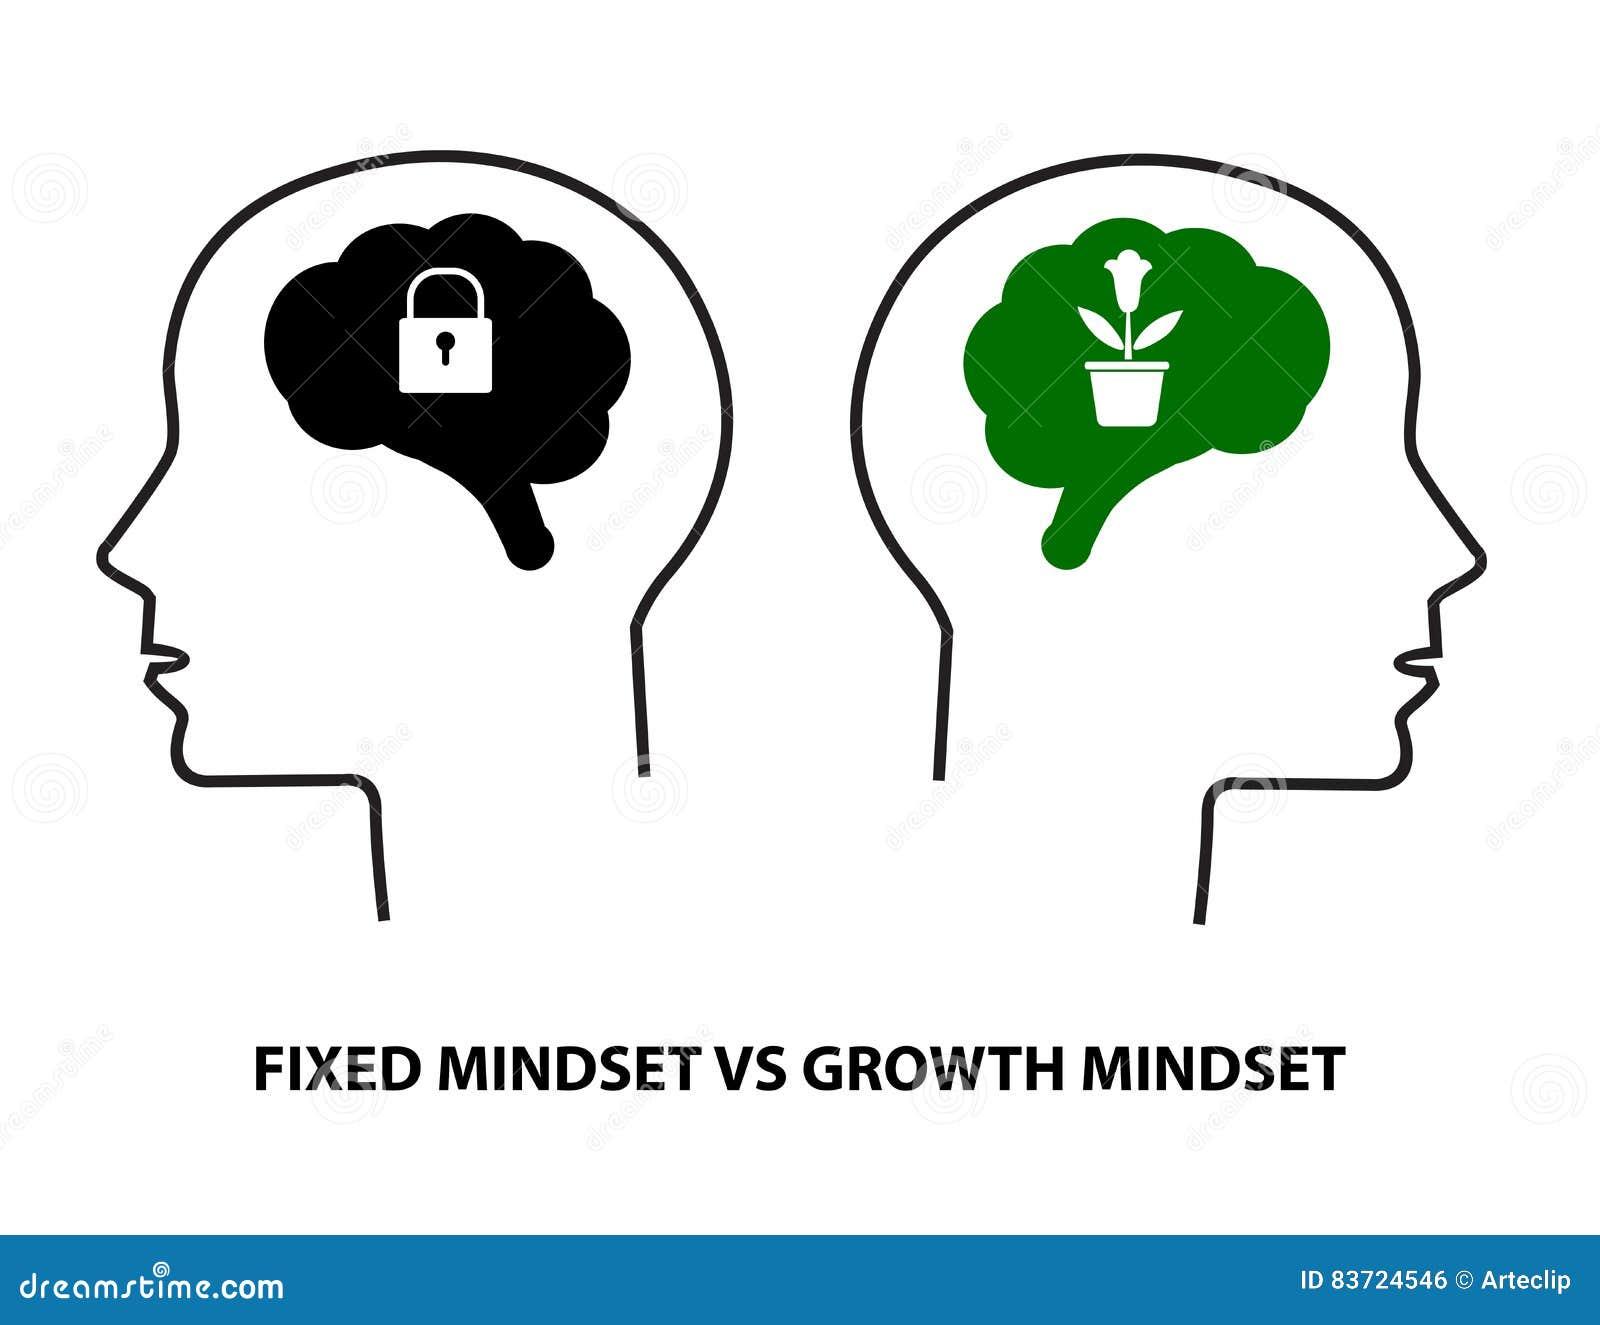 Fast Mindset vs tillväxtMindset